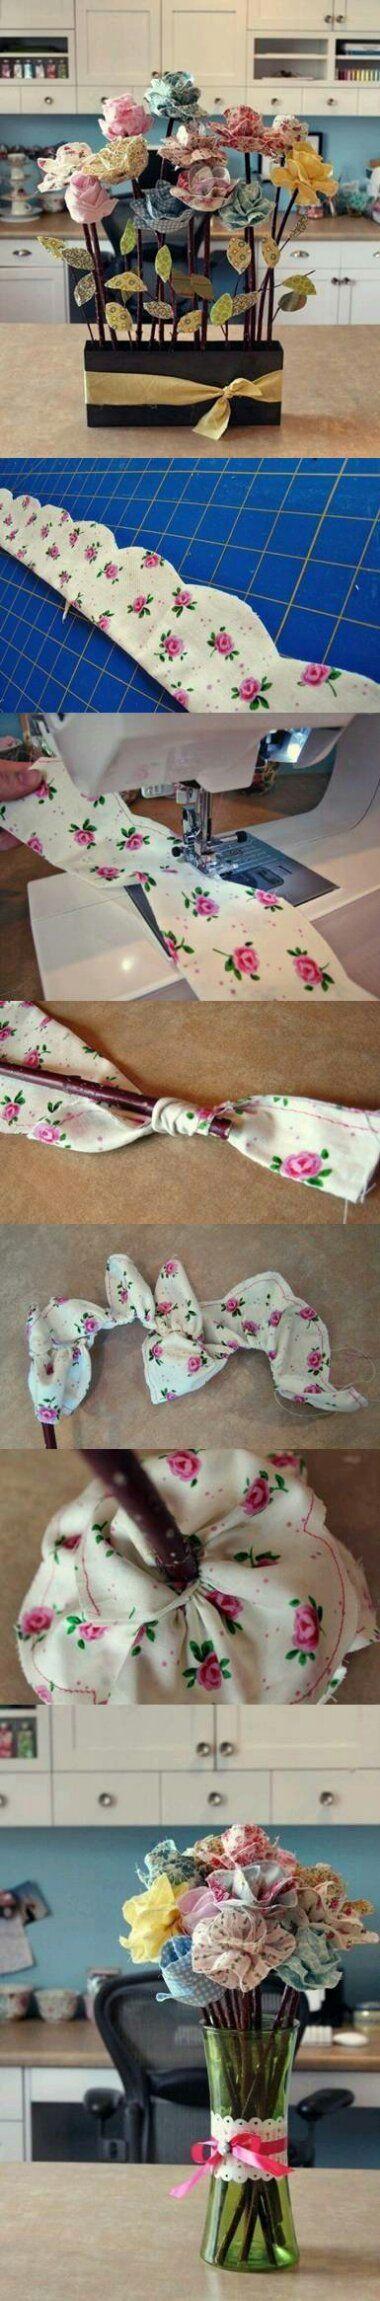 DIY-Amazing-Cloth-Flower-Bouquet.jpg